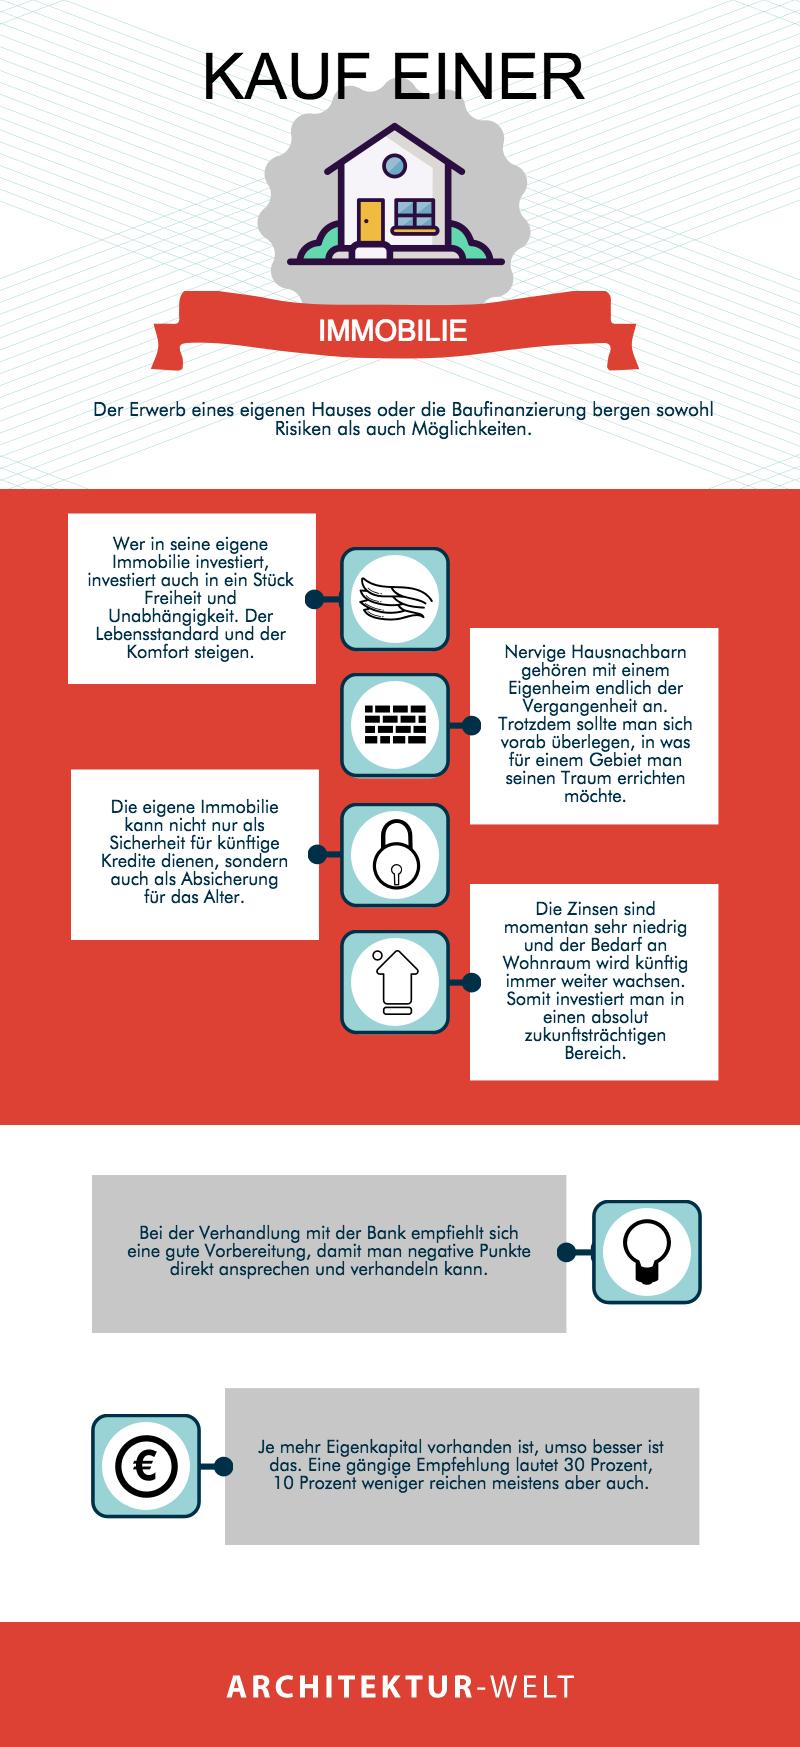 Infografik: Beim Kauf einer Immobilie gibt es derartig viele Punkte zu beachten, dass man schon einmal etwas vergessen kann.